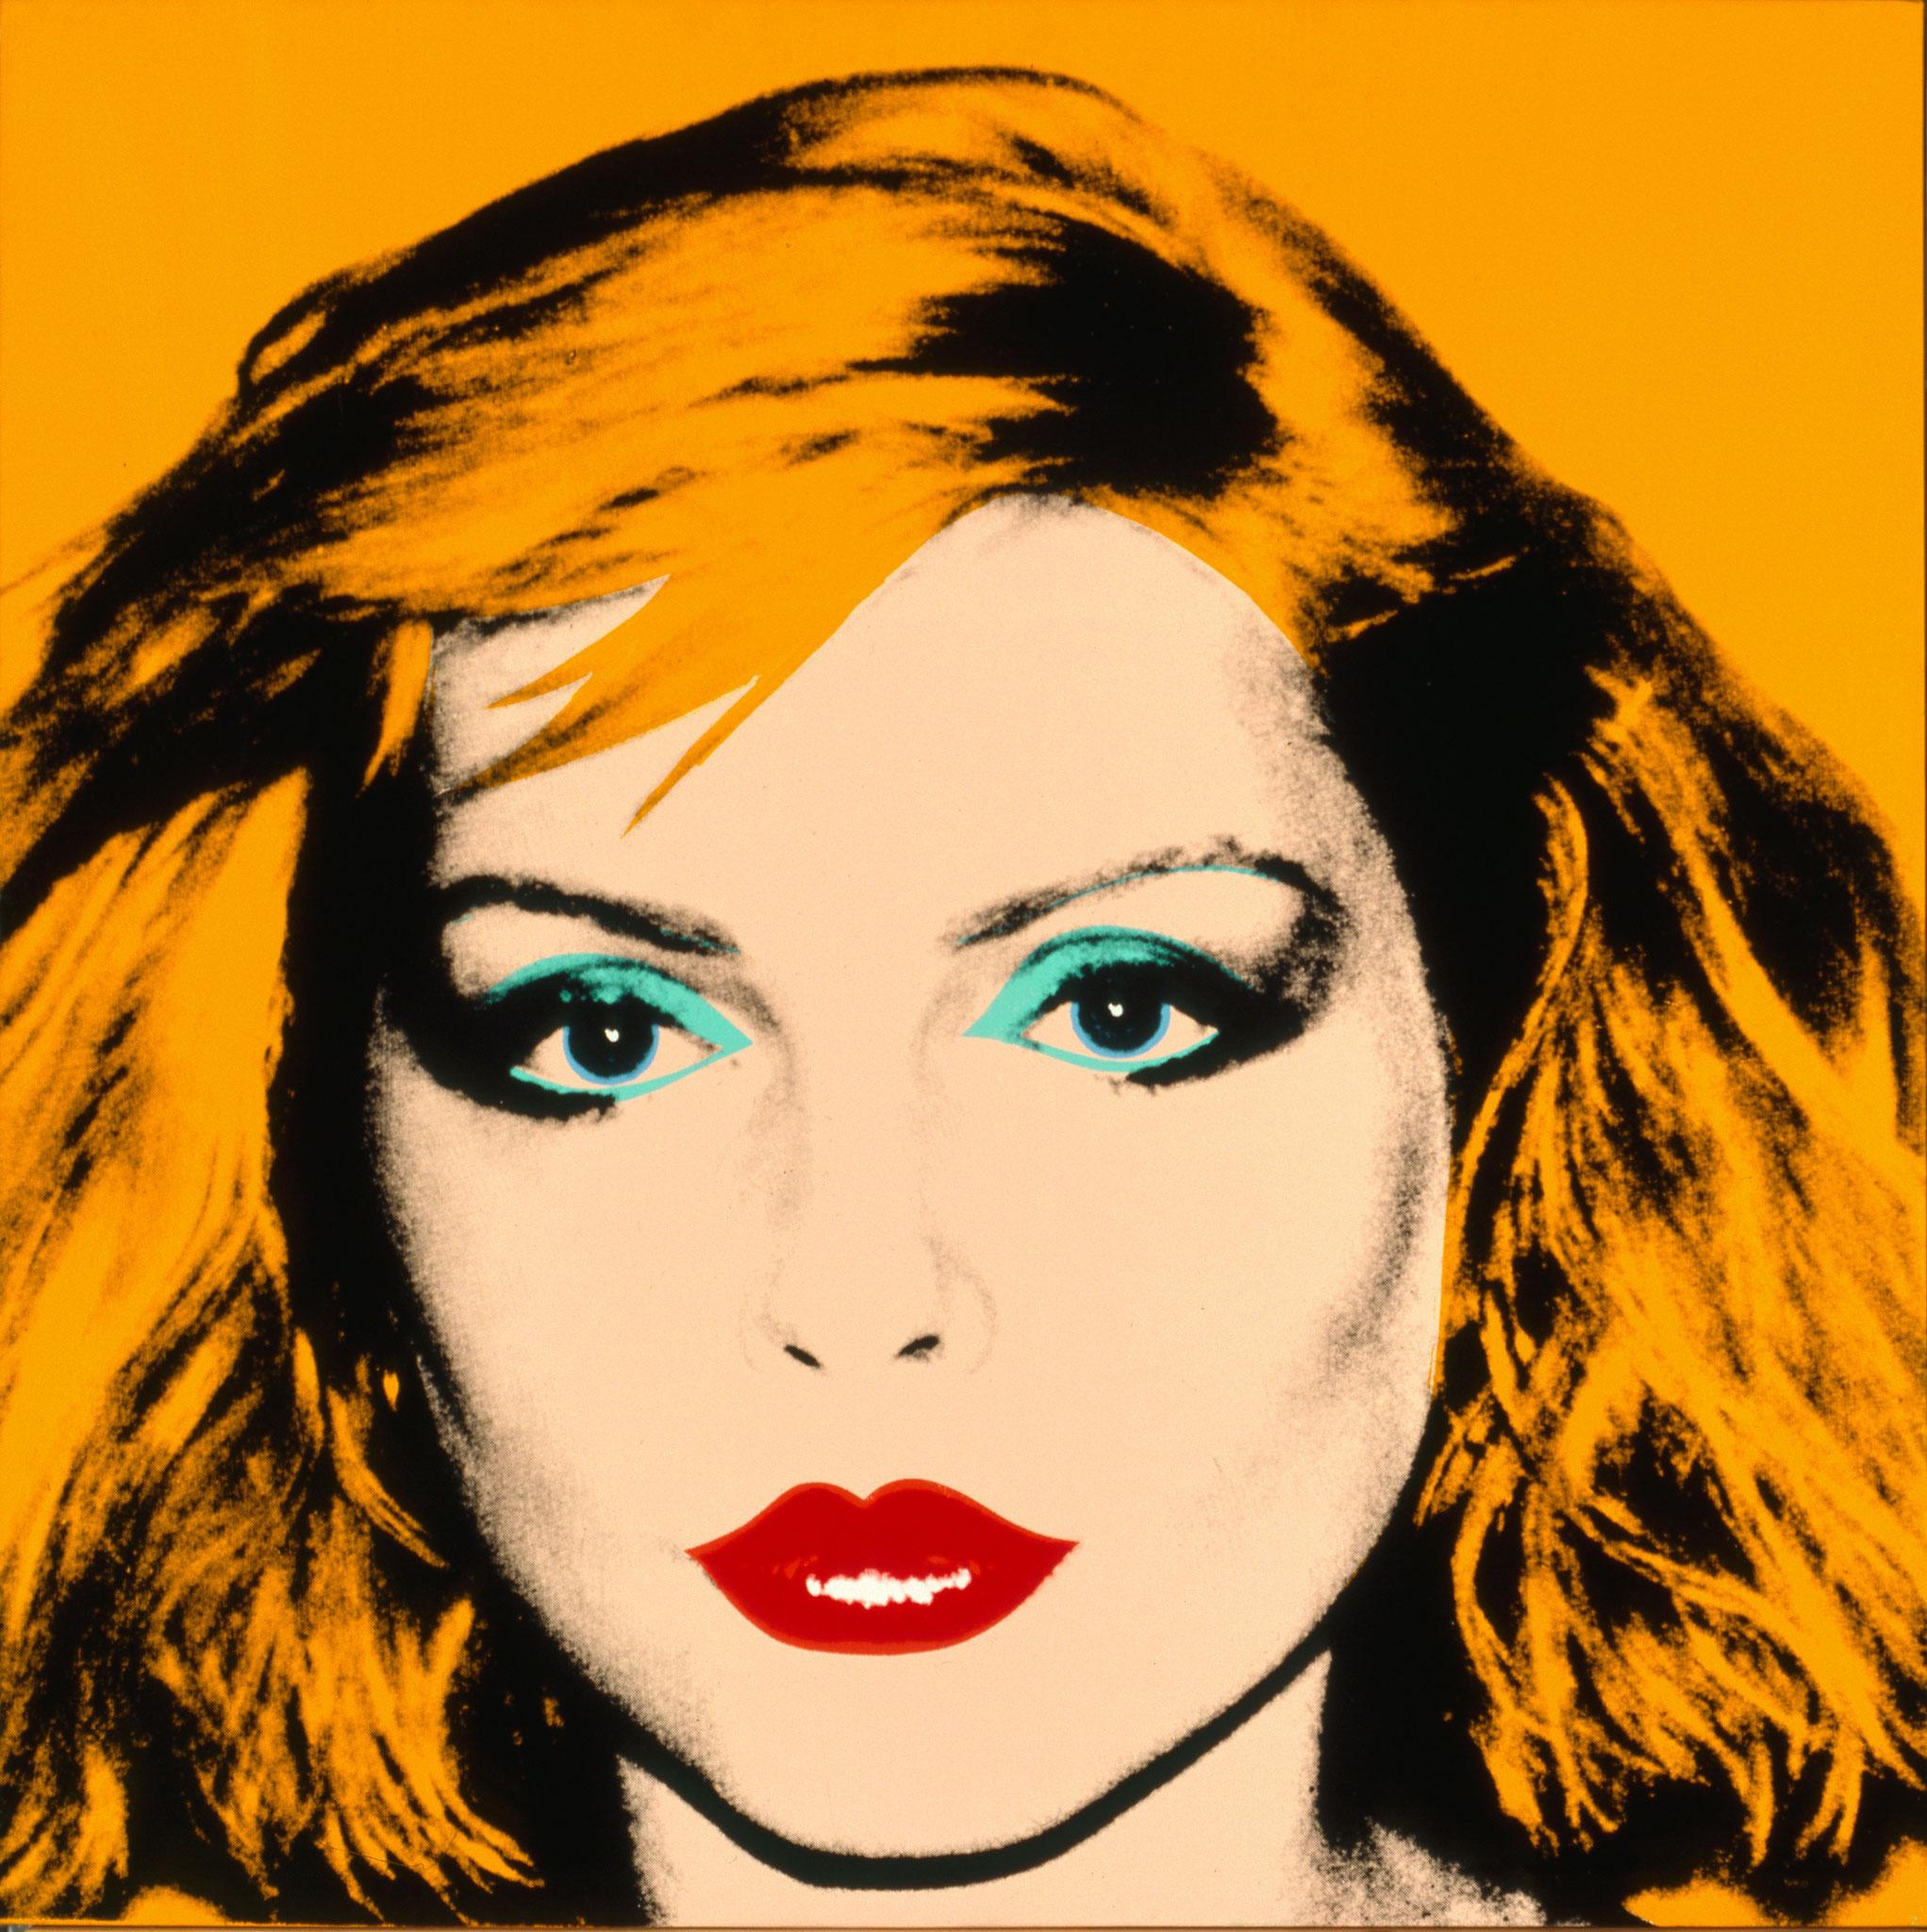 ANDY WARHOL. EL ARTE MECÁNICO. Debbie Harry. 1980. Acrílico y serigrafía sobre lino. Collection of the Andy Warhol Museum, Pittsburgh